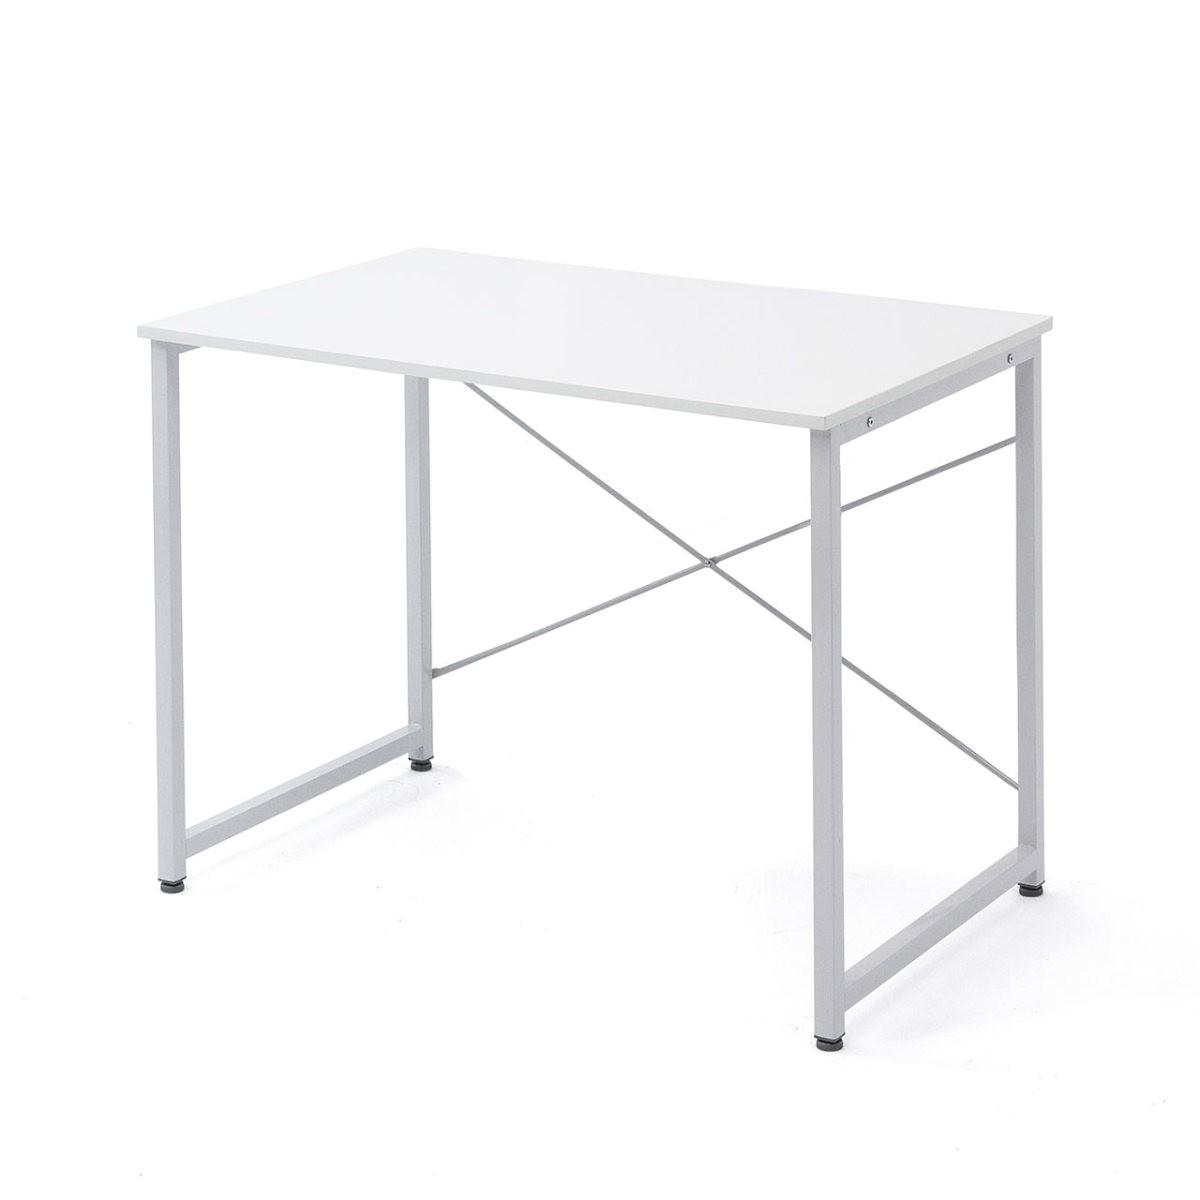 シンプルワークデスク オフィスデスク  幅 奥行  シンプルなホワイト天板 平机 パソコンデスク フリーアドレス 100-deskf012の写真